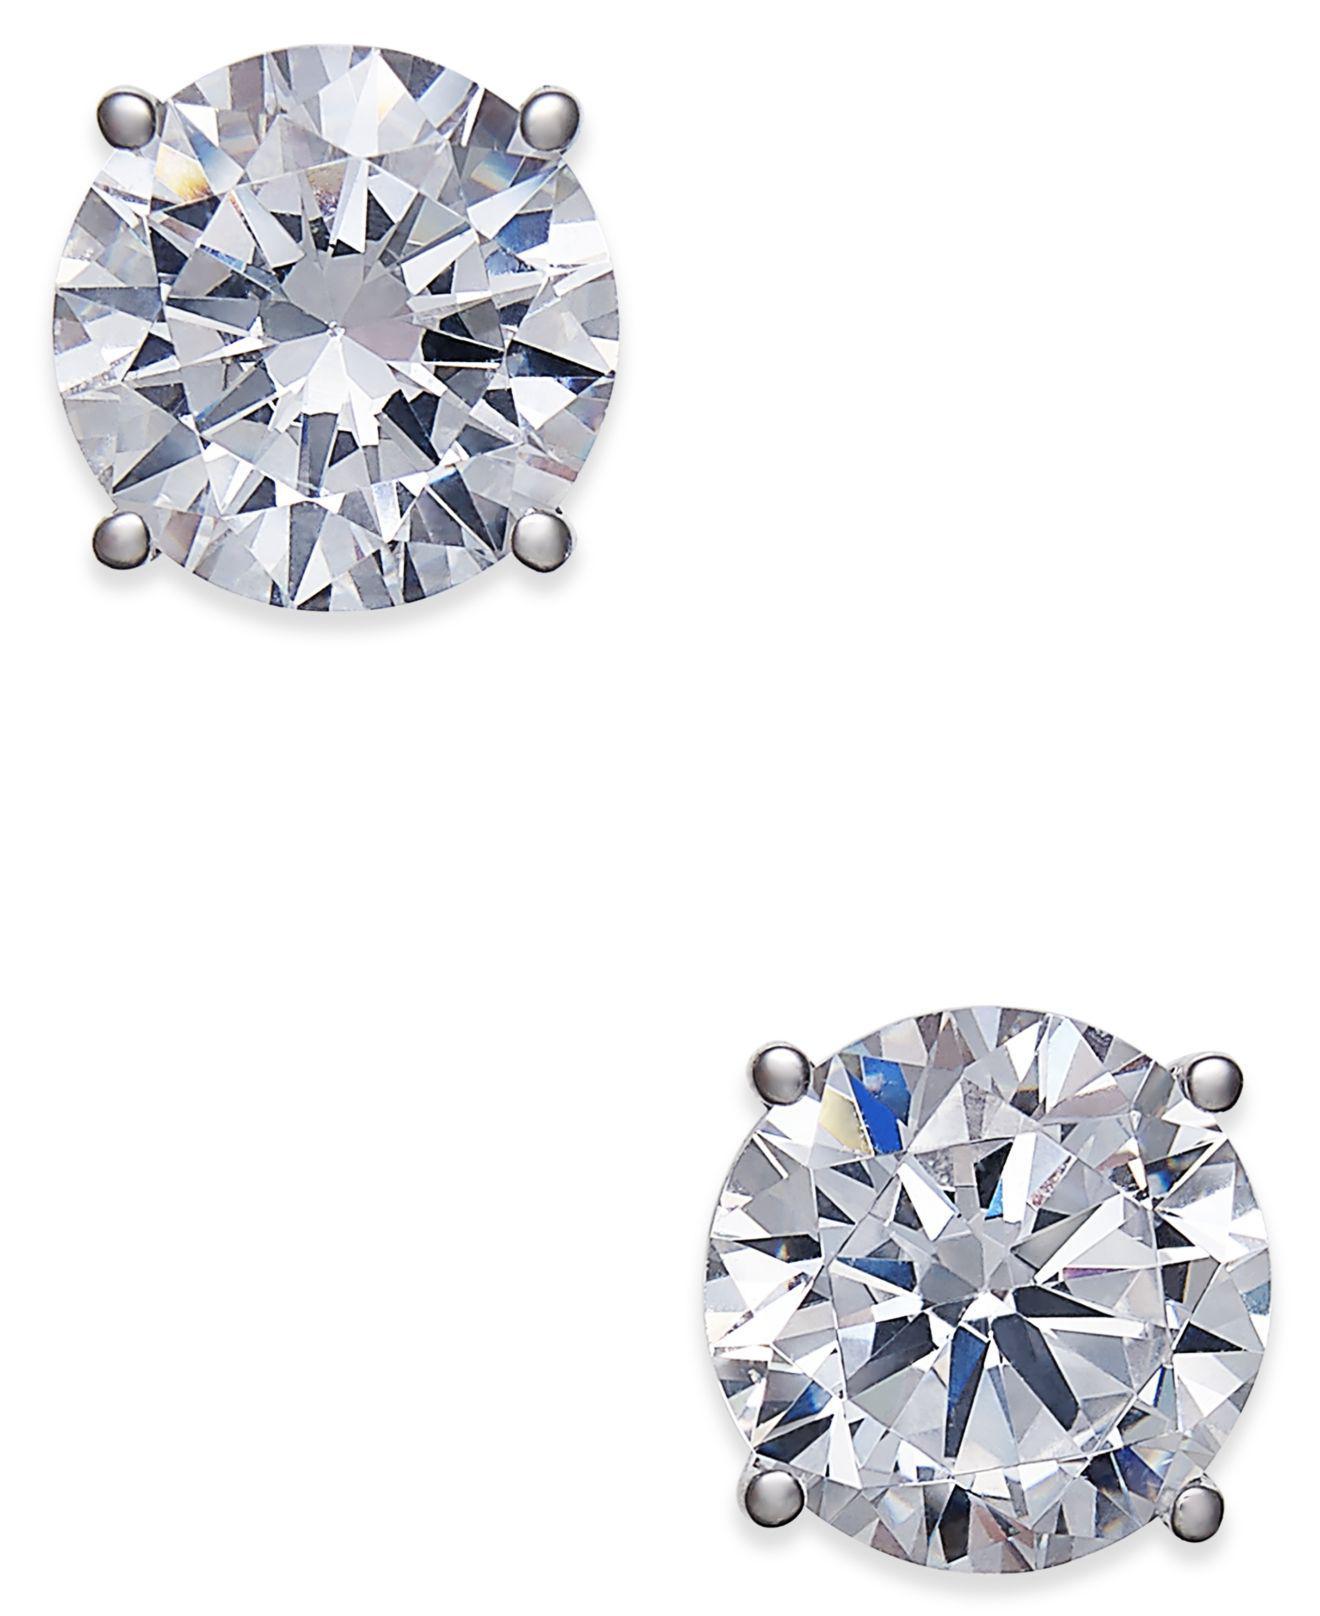 22a11e005 Lyst - Macy's Certified Diamond Stud Earrings (2 Ct. T.w.) In 18k ...